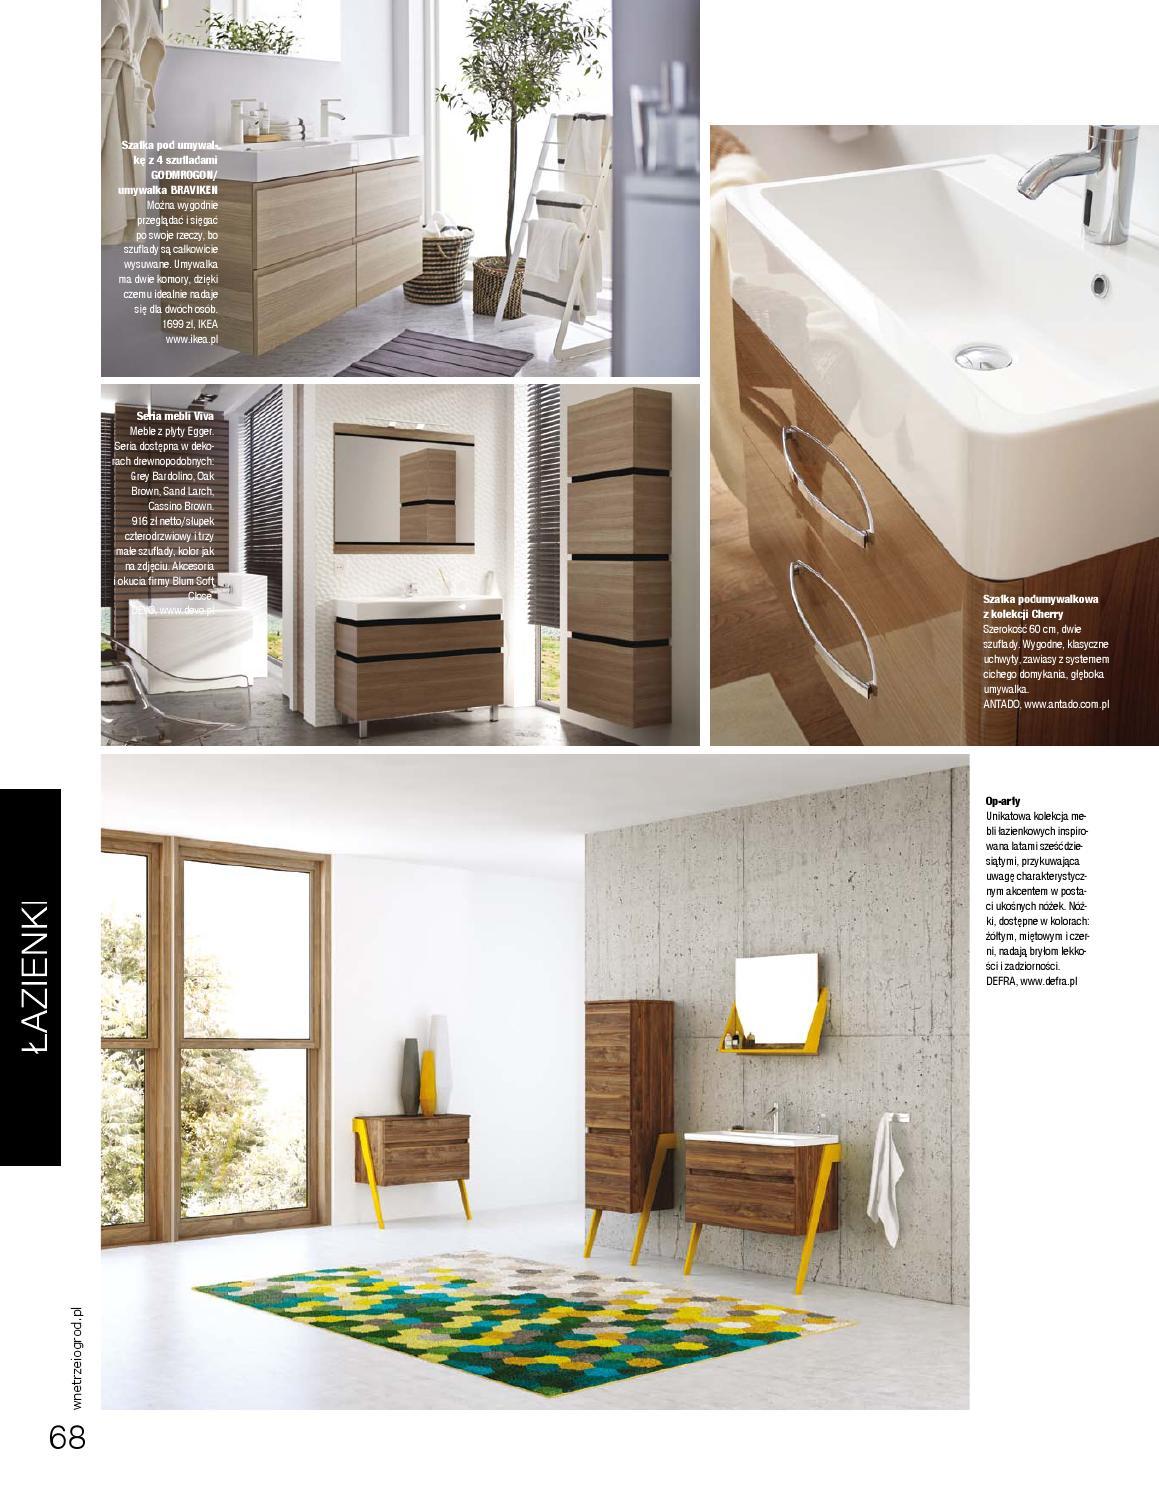 Kuchnie I łazienki 11 By Dobry Dom Issuu